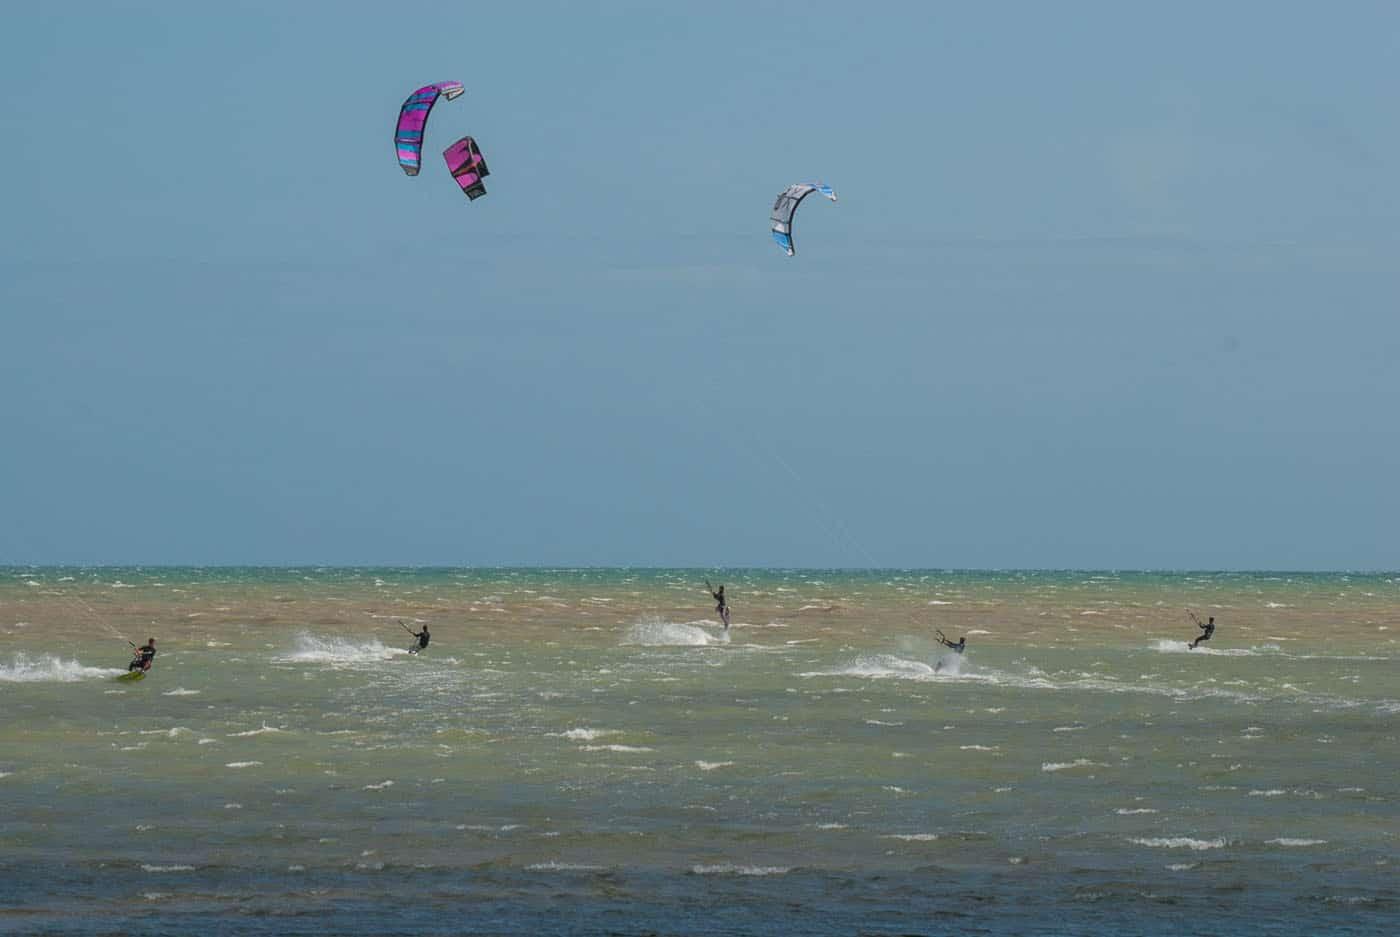 Rustington (Littlehampton) Kitesurfing, Rustington, Littlehampton, West Sussex